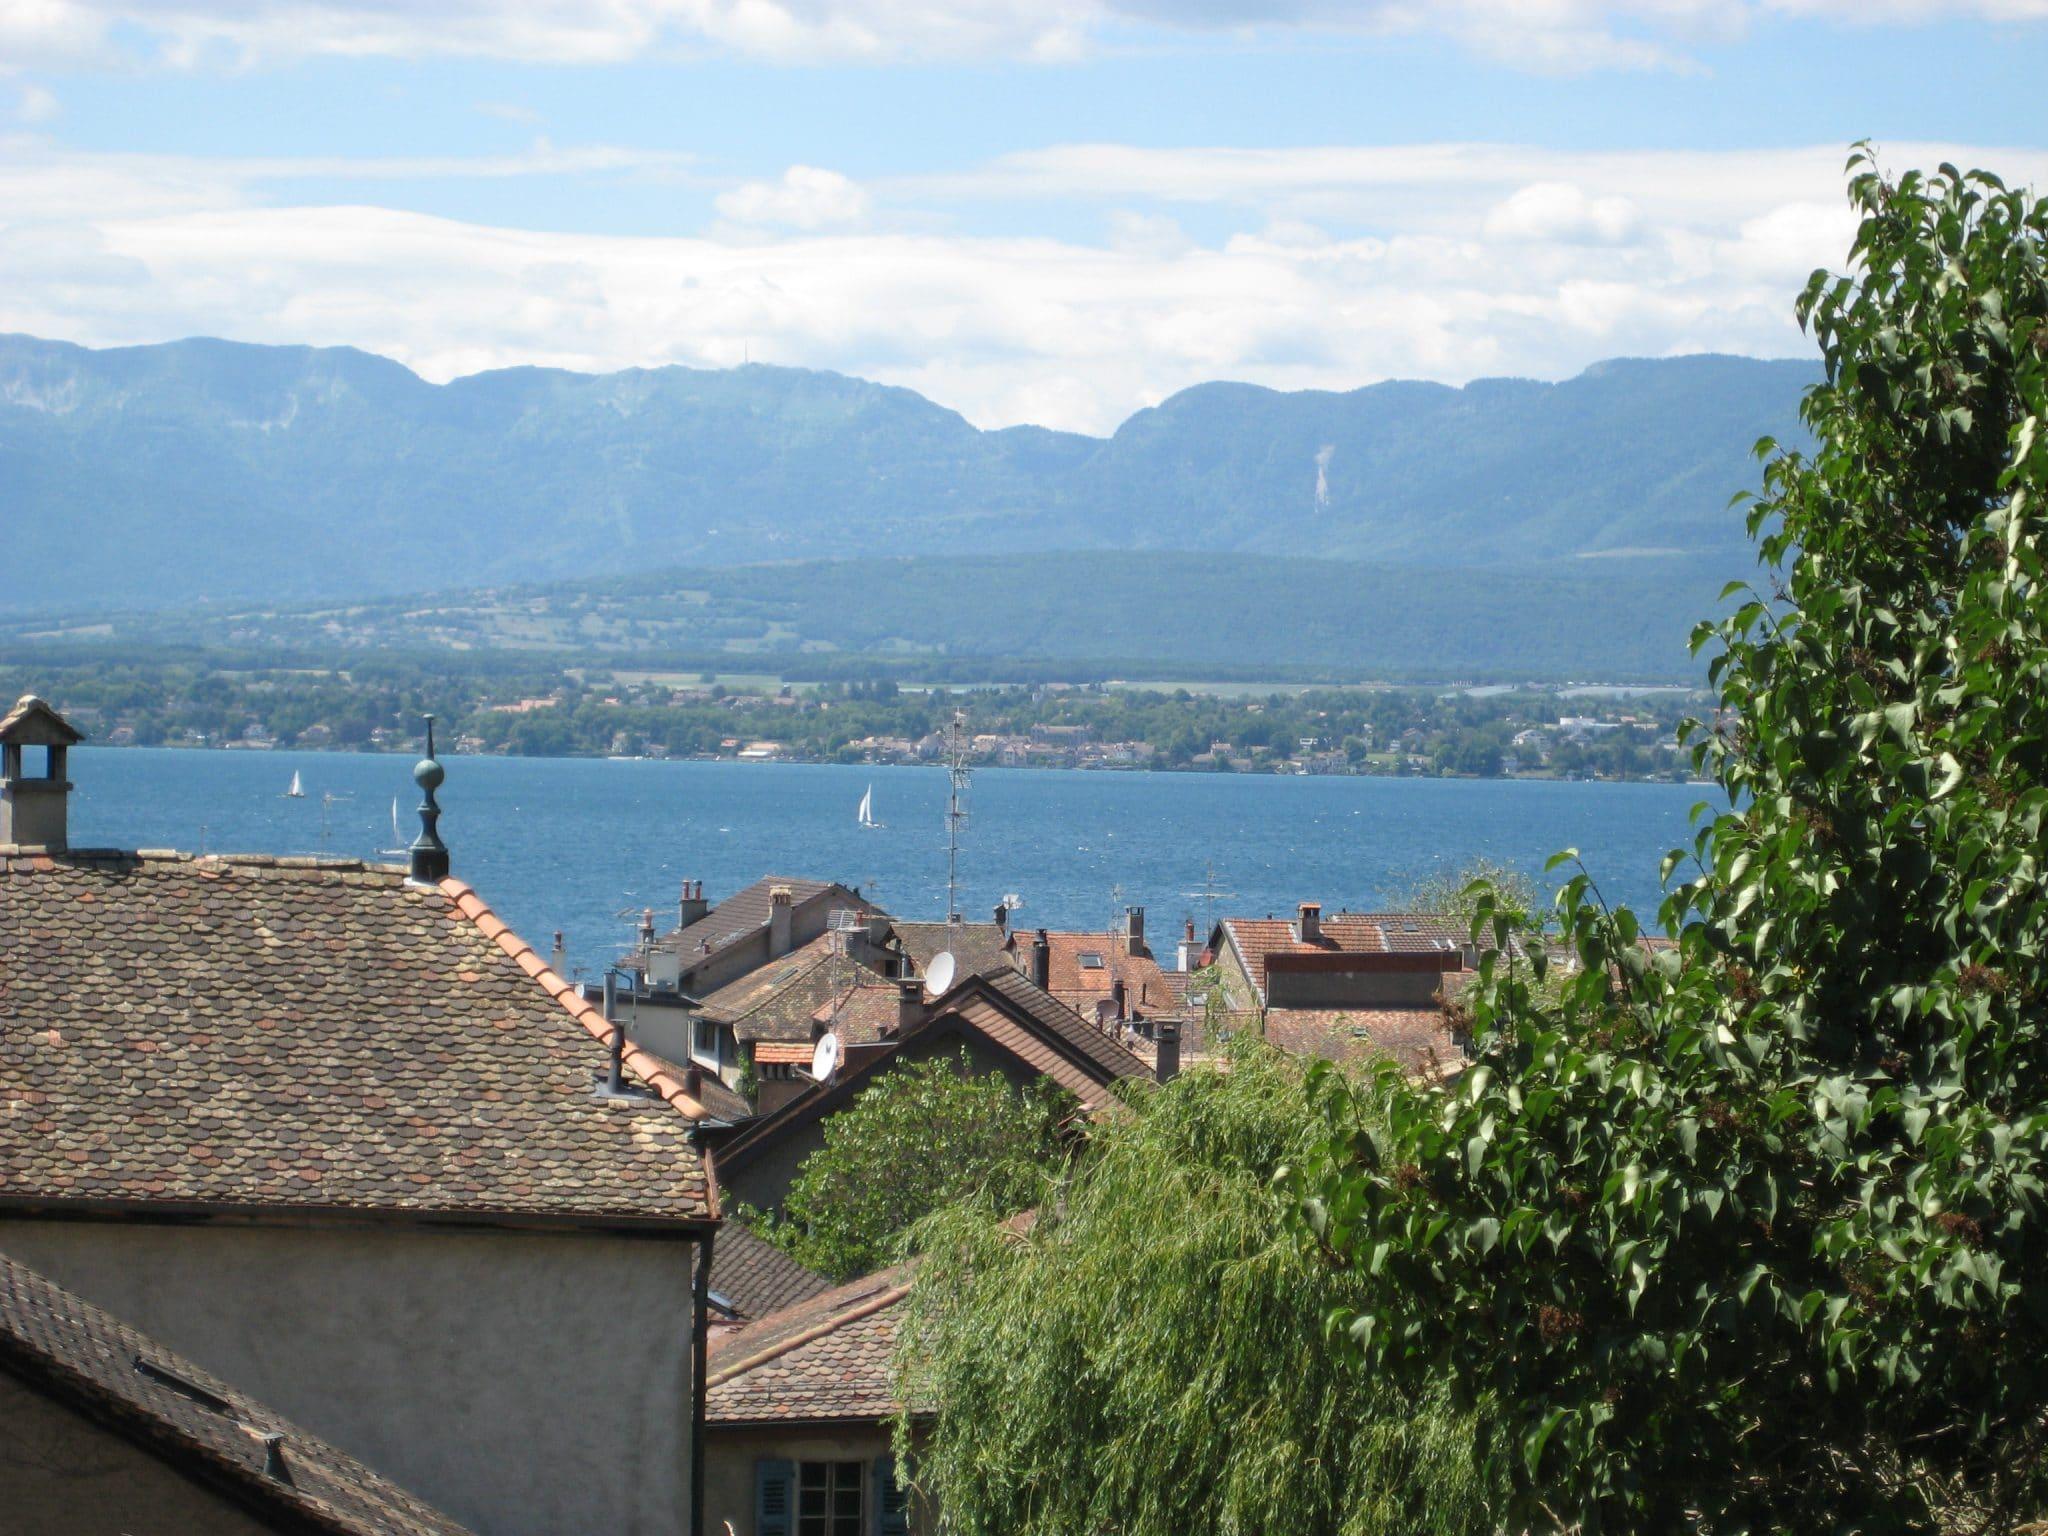 Hermance - Lac Leman - Balade - Visite - promenade - découverte - château - baignade - tourisme - découverte - vin